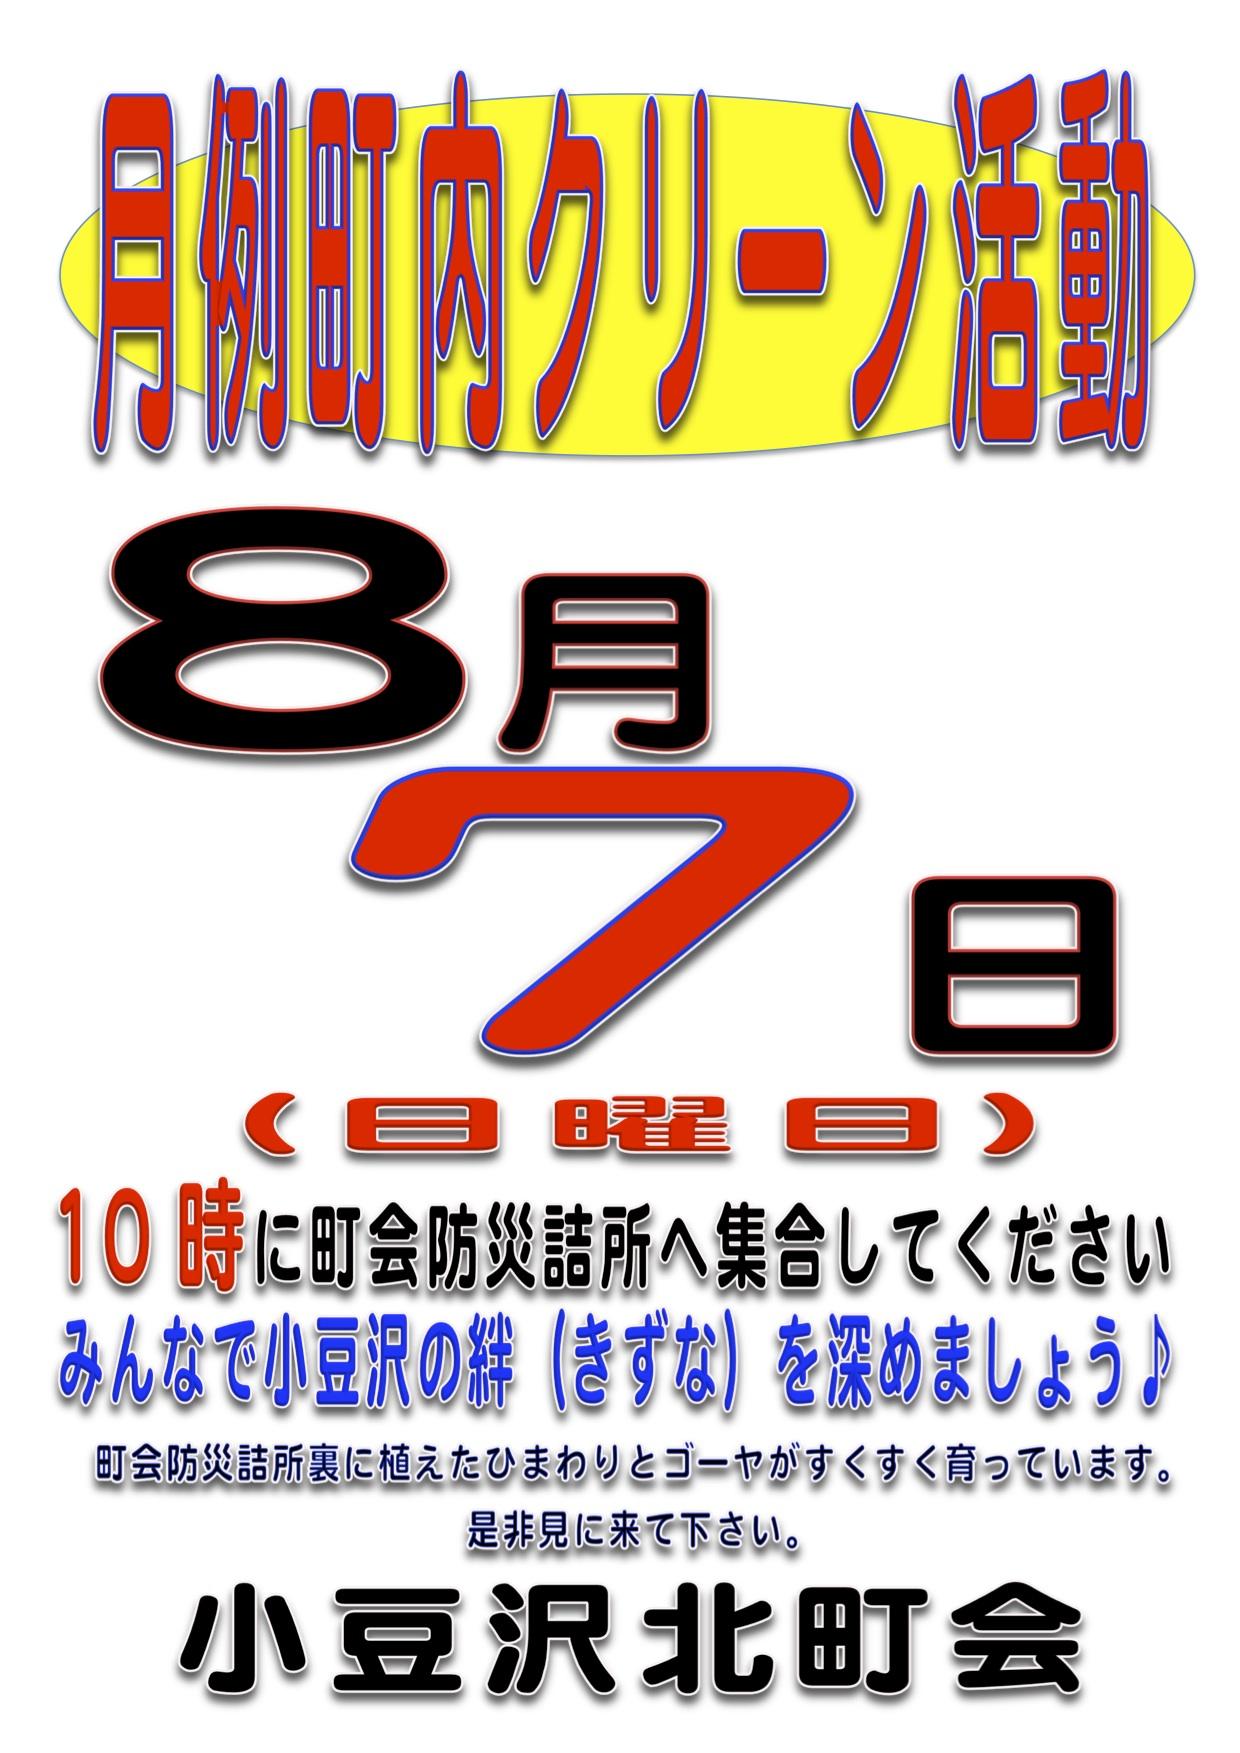 2011-08-07月例クリーン活動ポスター